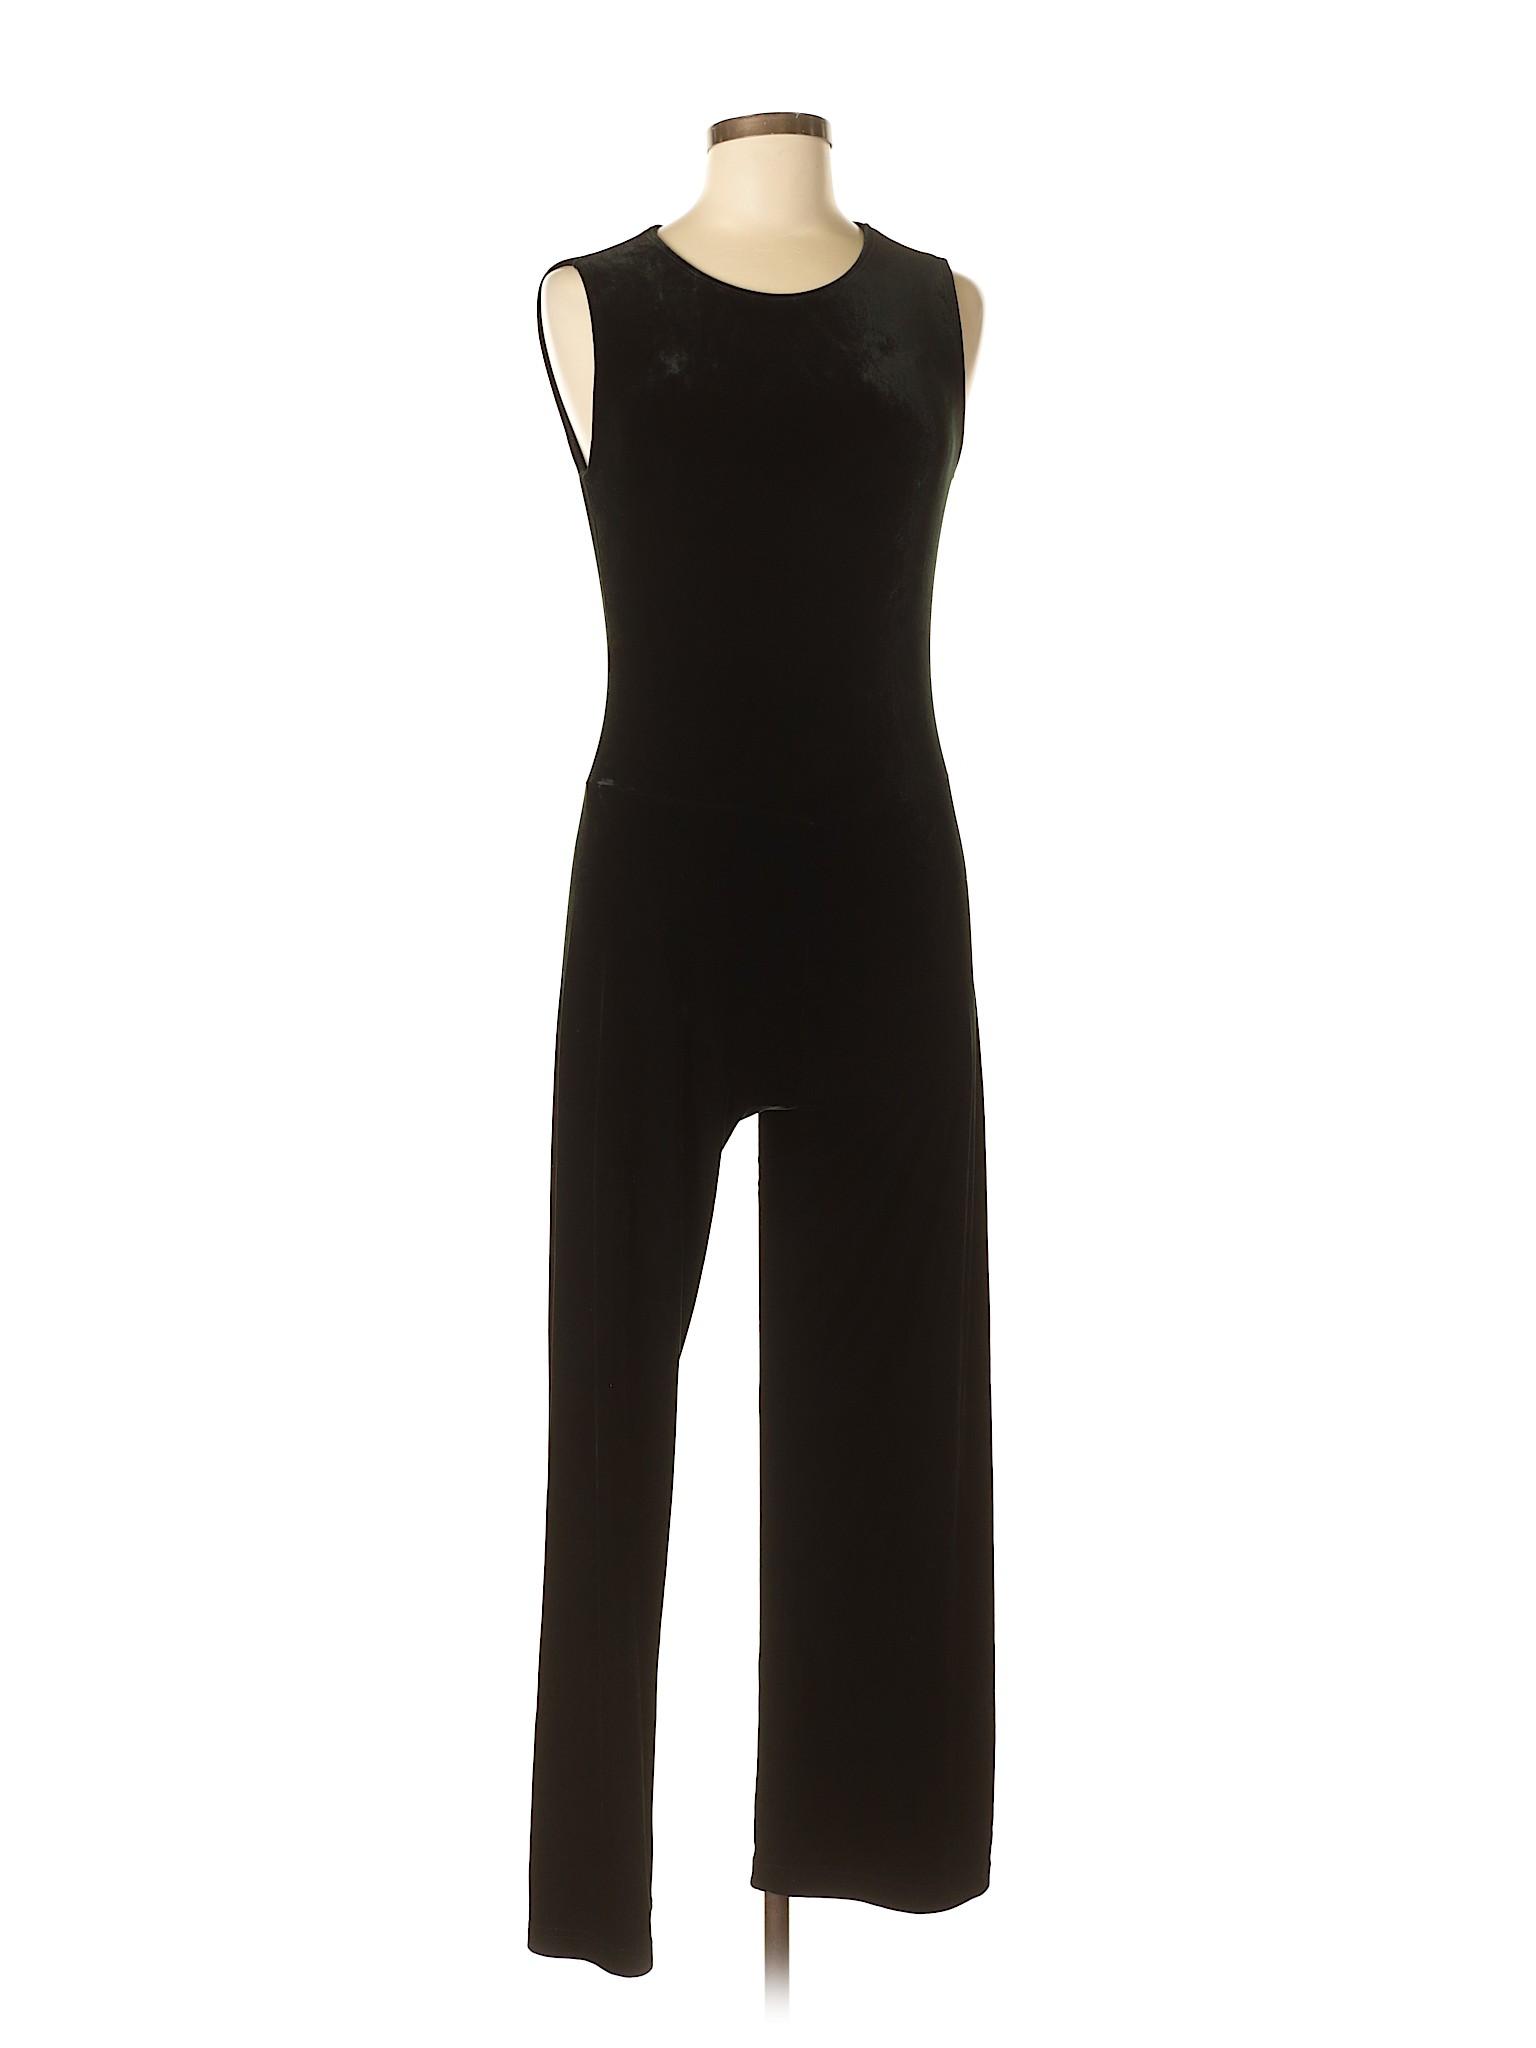 Selling DKNY DKNY Selling DKNY Selling Jumpsuit Selling DKNY Jumpsuit Jumpsuit Jumpsuit Selling FAqxZR